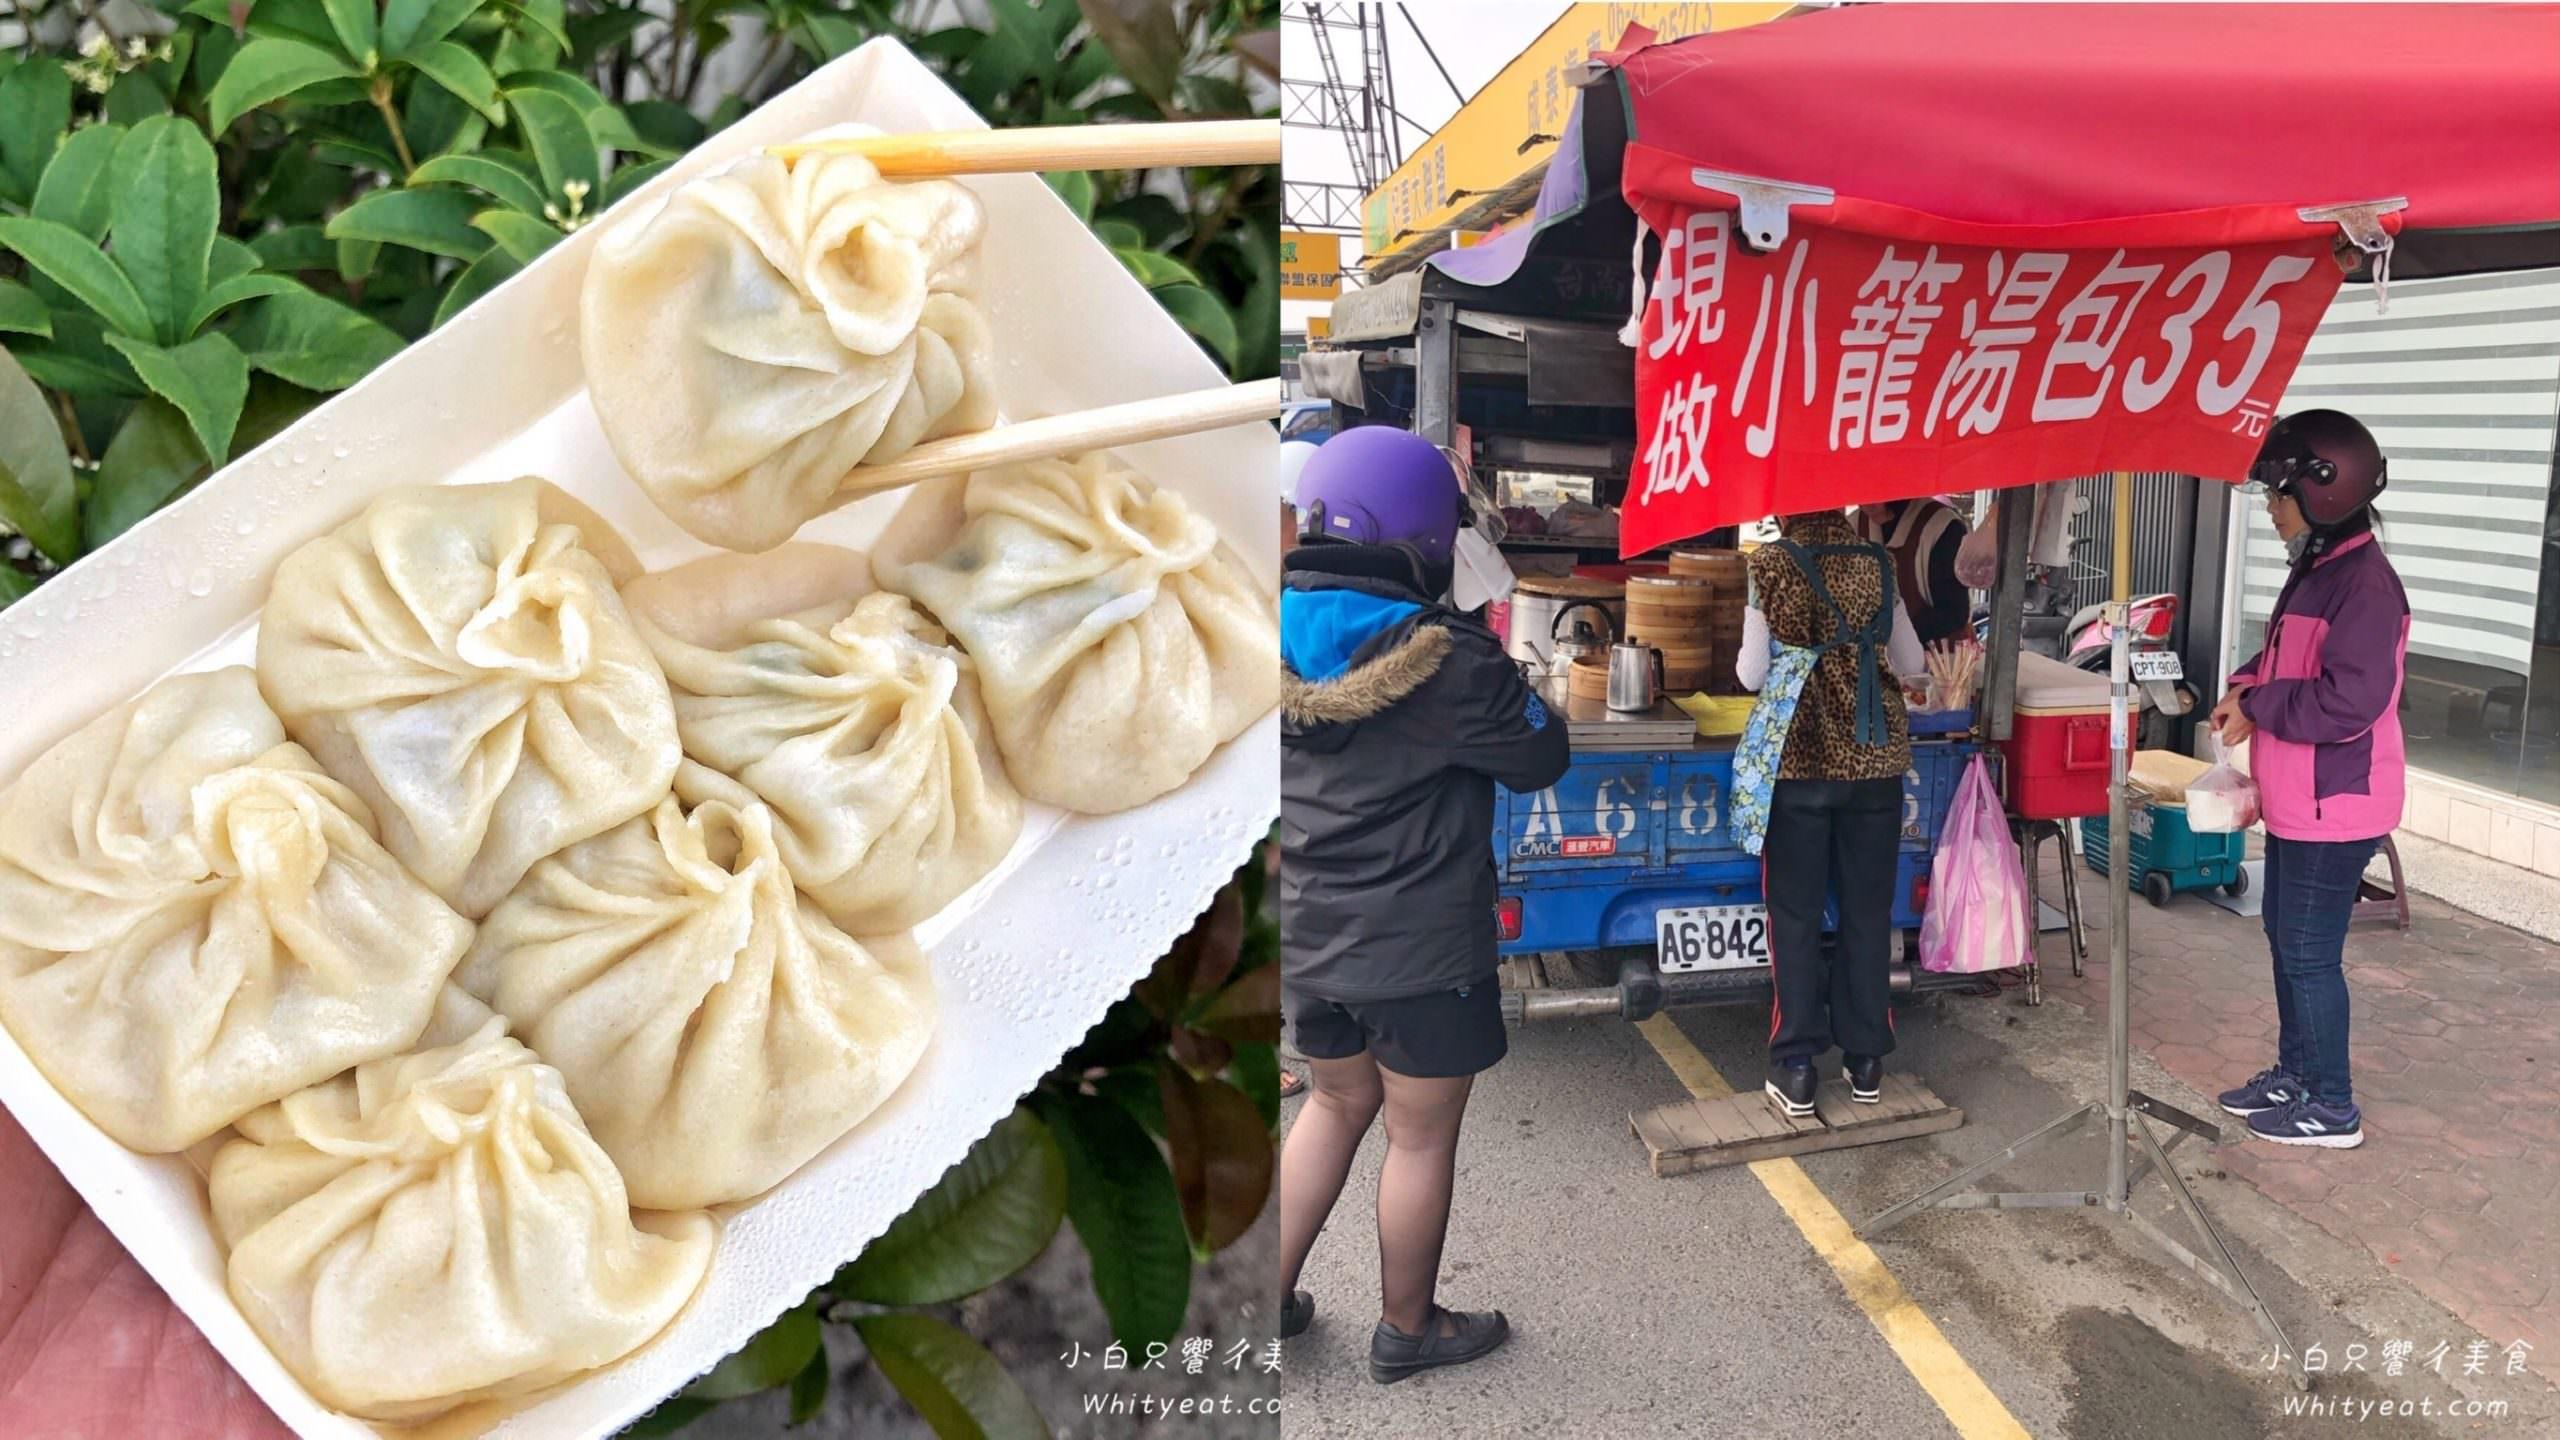 【台南永康區】一天只賣三小時的隱藏版小籠湯包 手工現包每盒35元便宜又好吃